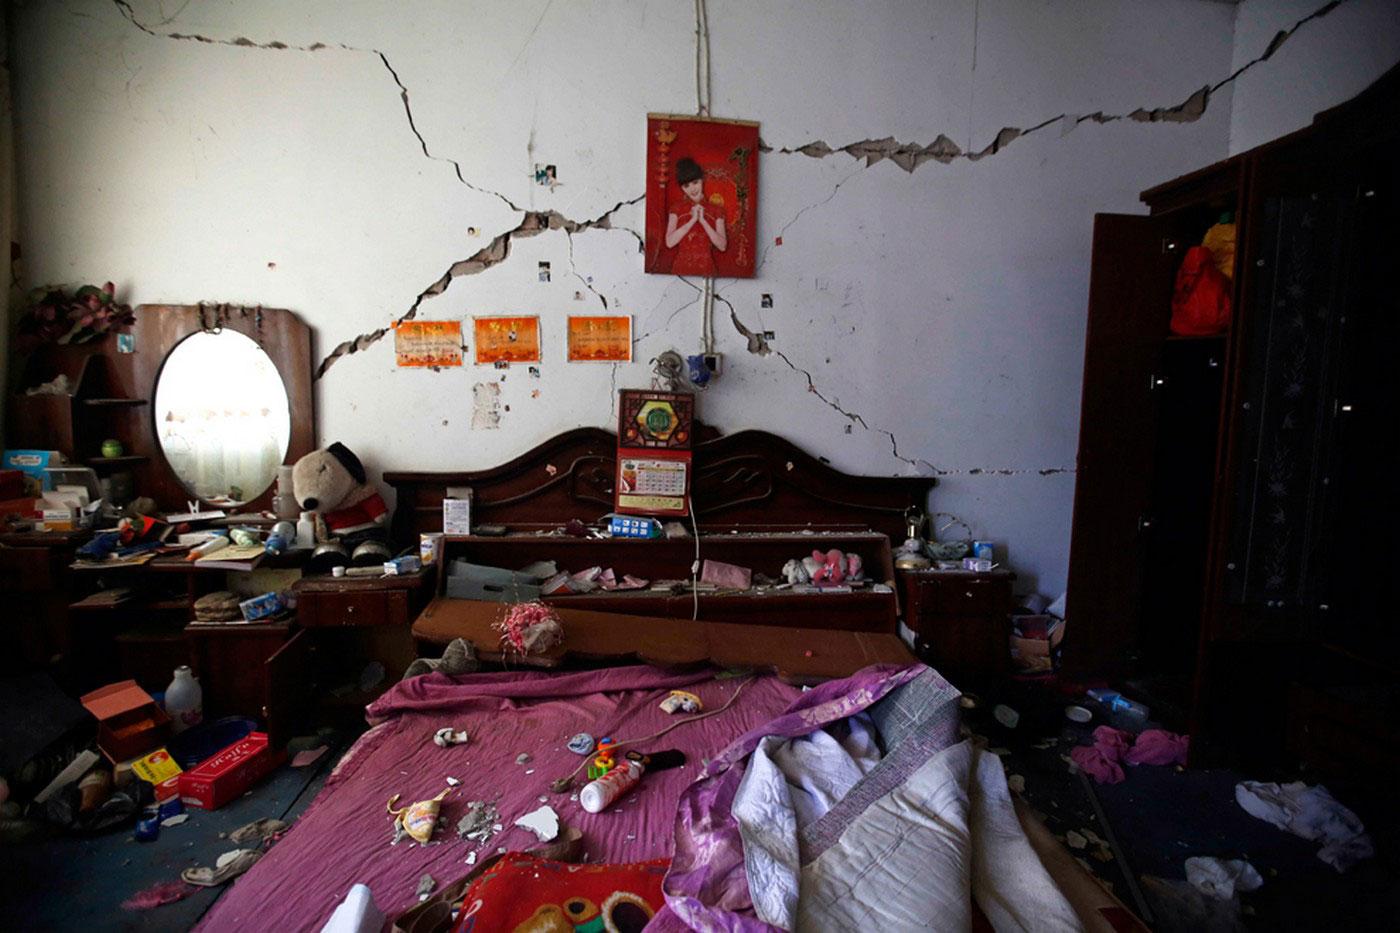 Спальня после землетрясения